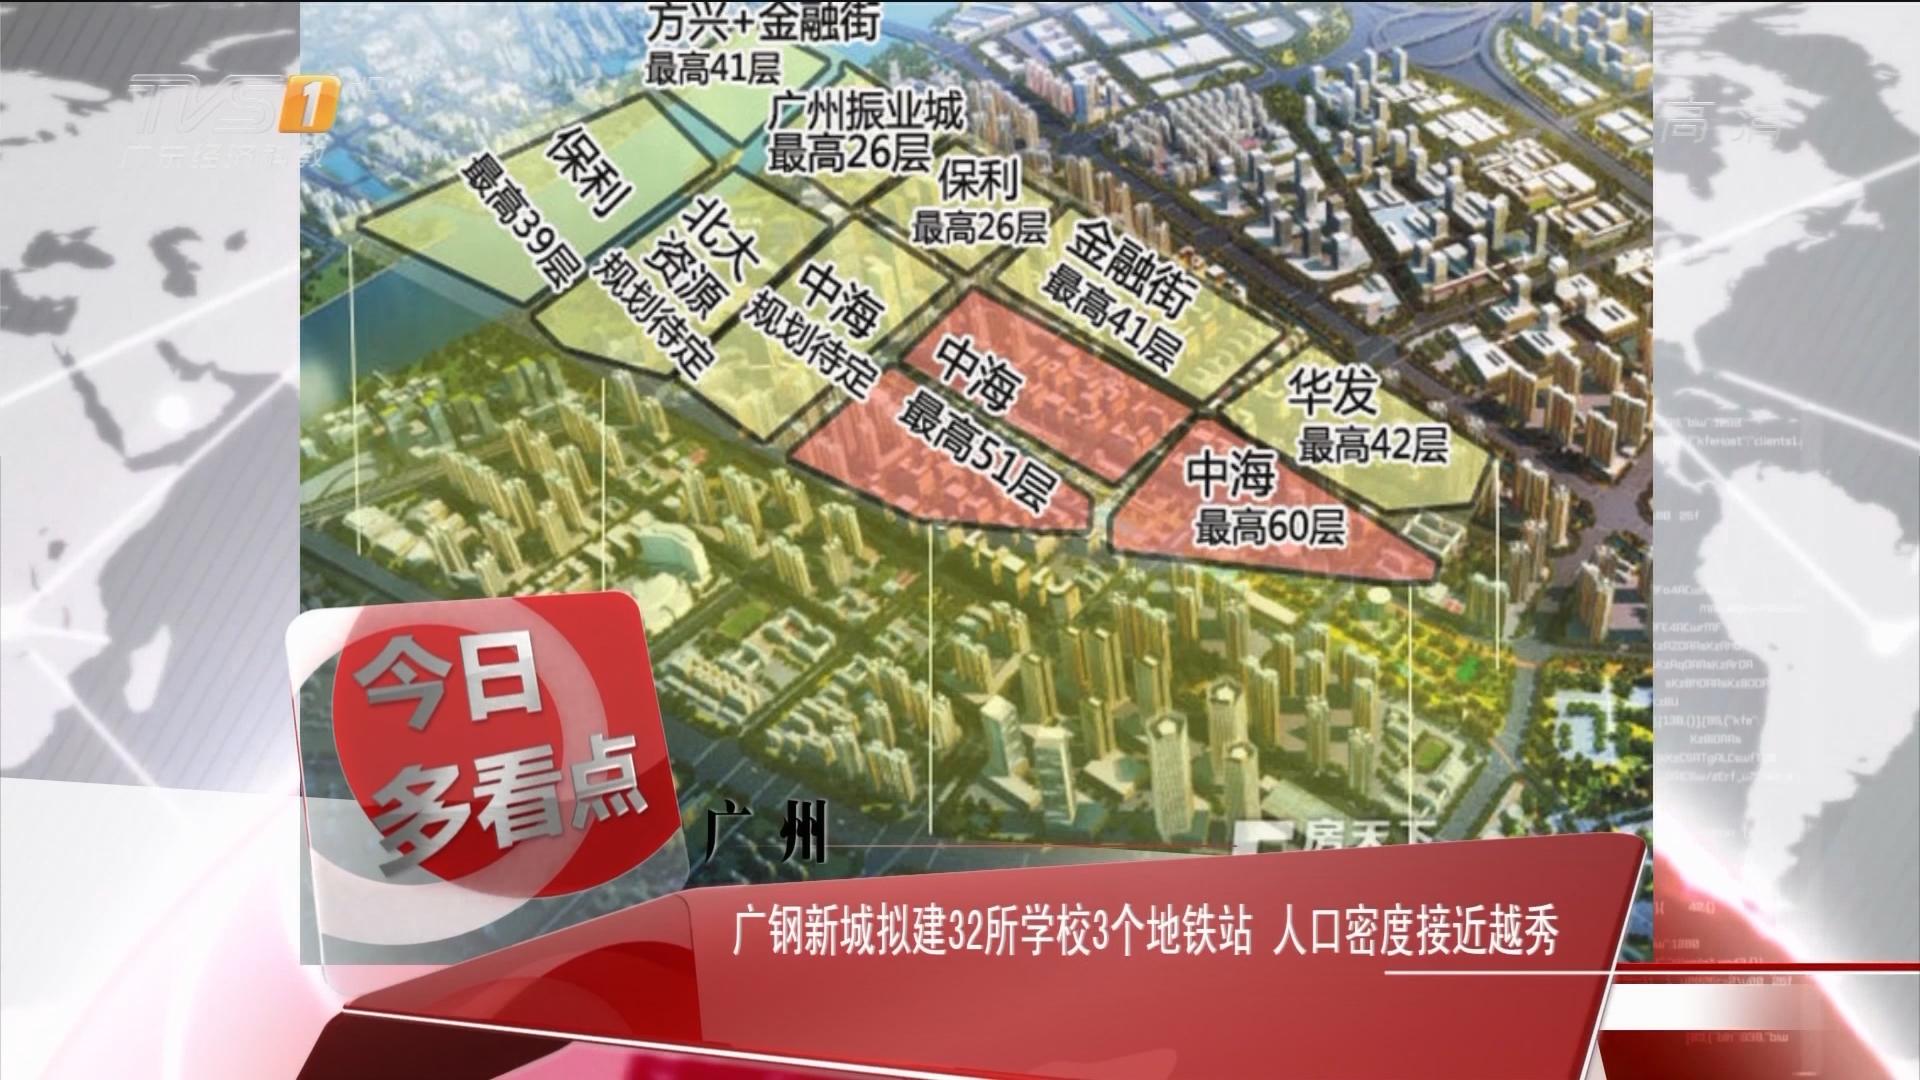 广州:广钢新城拟建32所学校3个地铁站 人口密度接近越秀